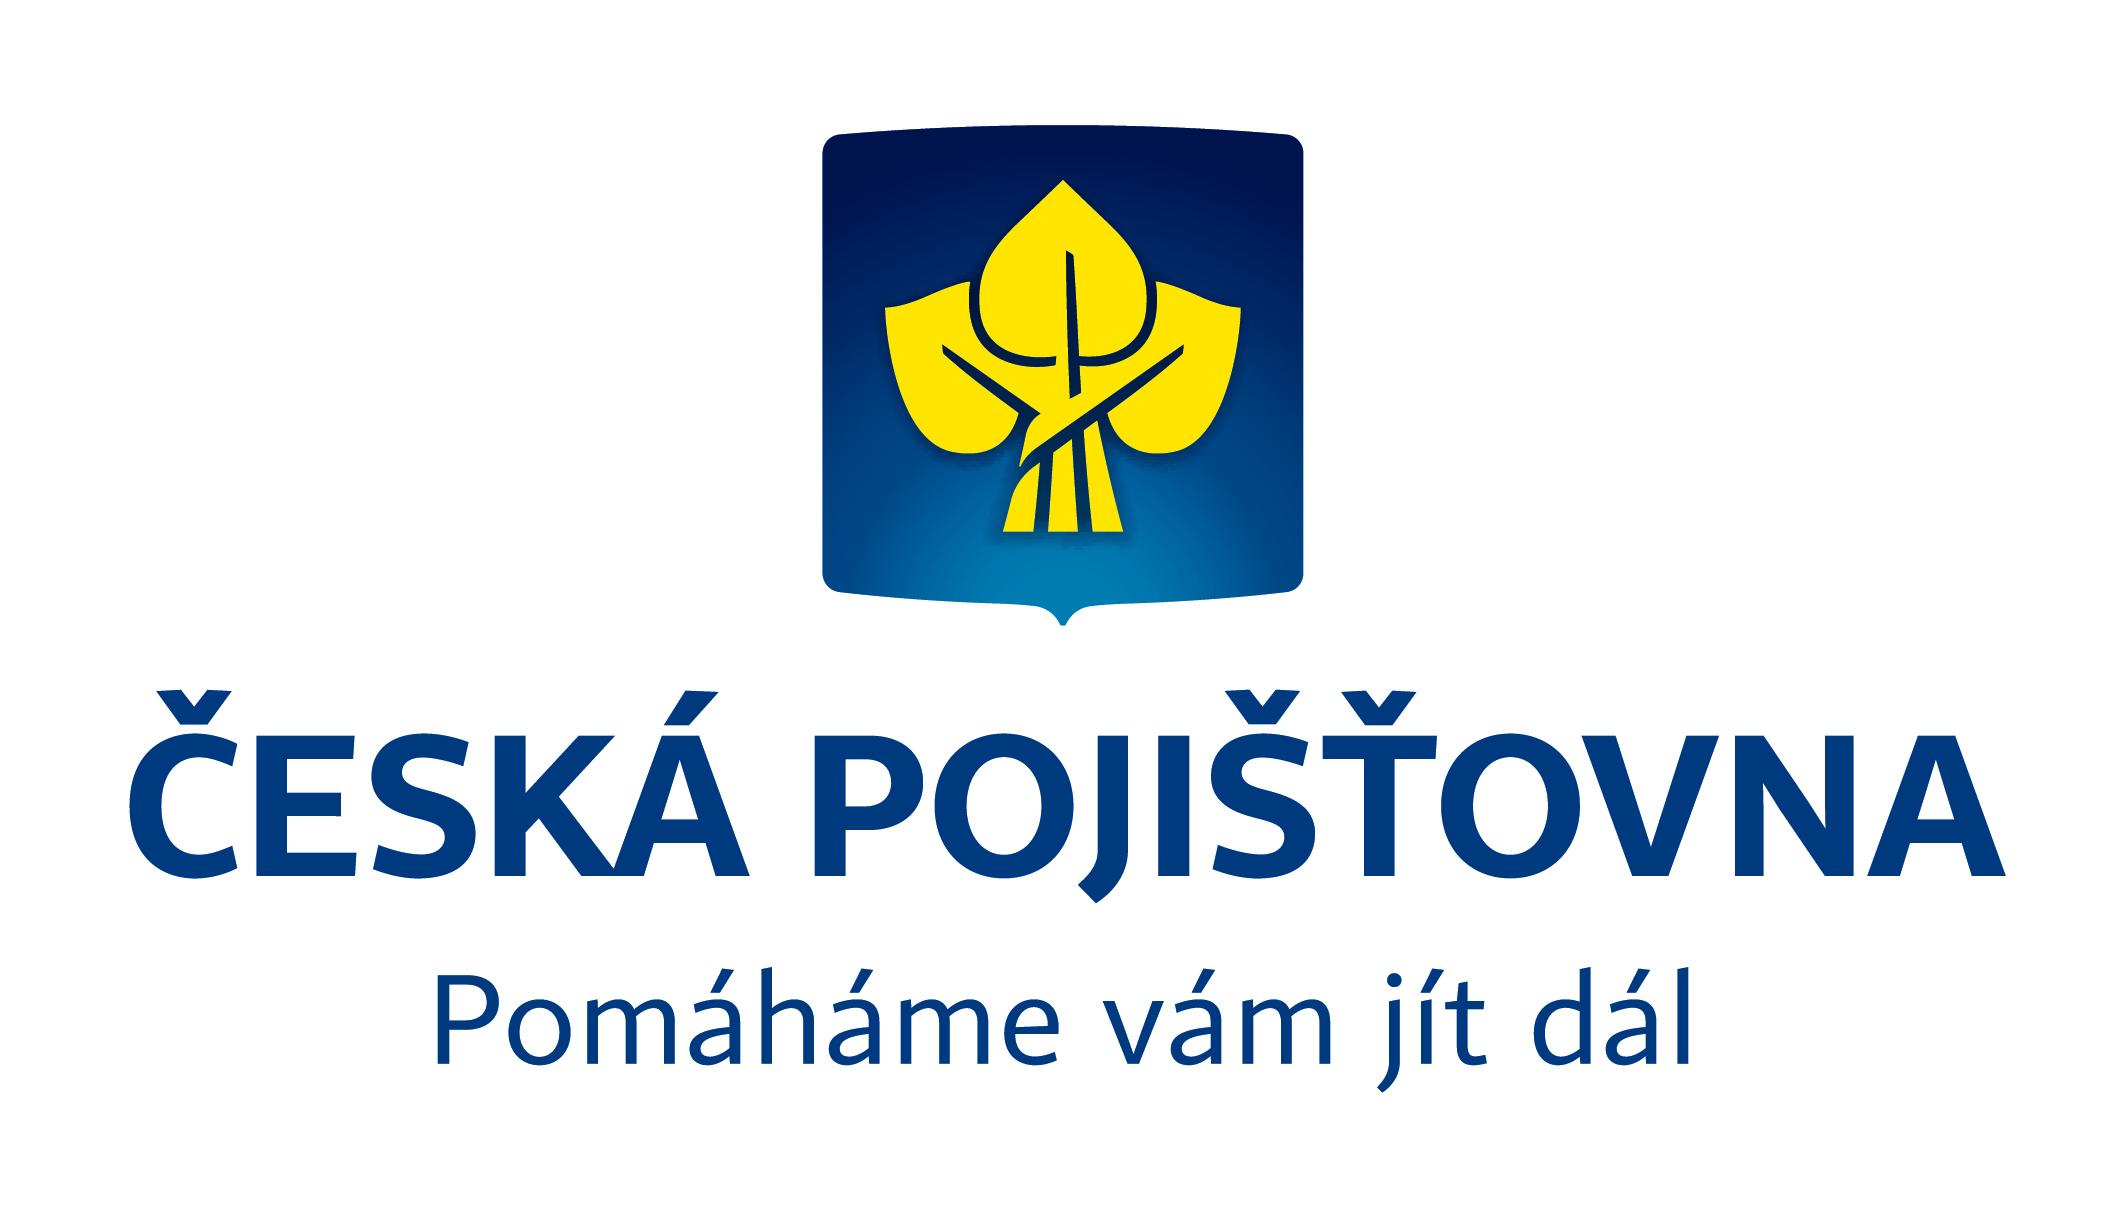 Česká Pojišťovna Logo photo - 1